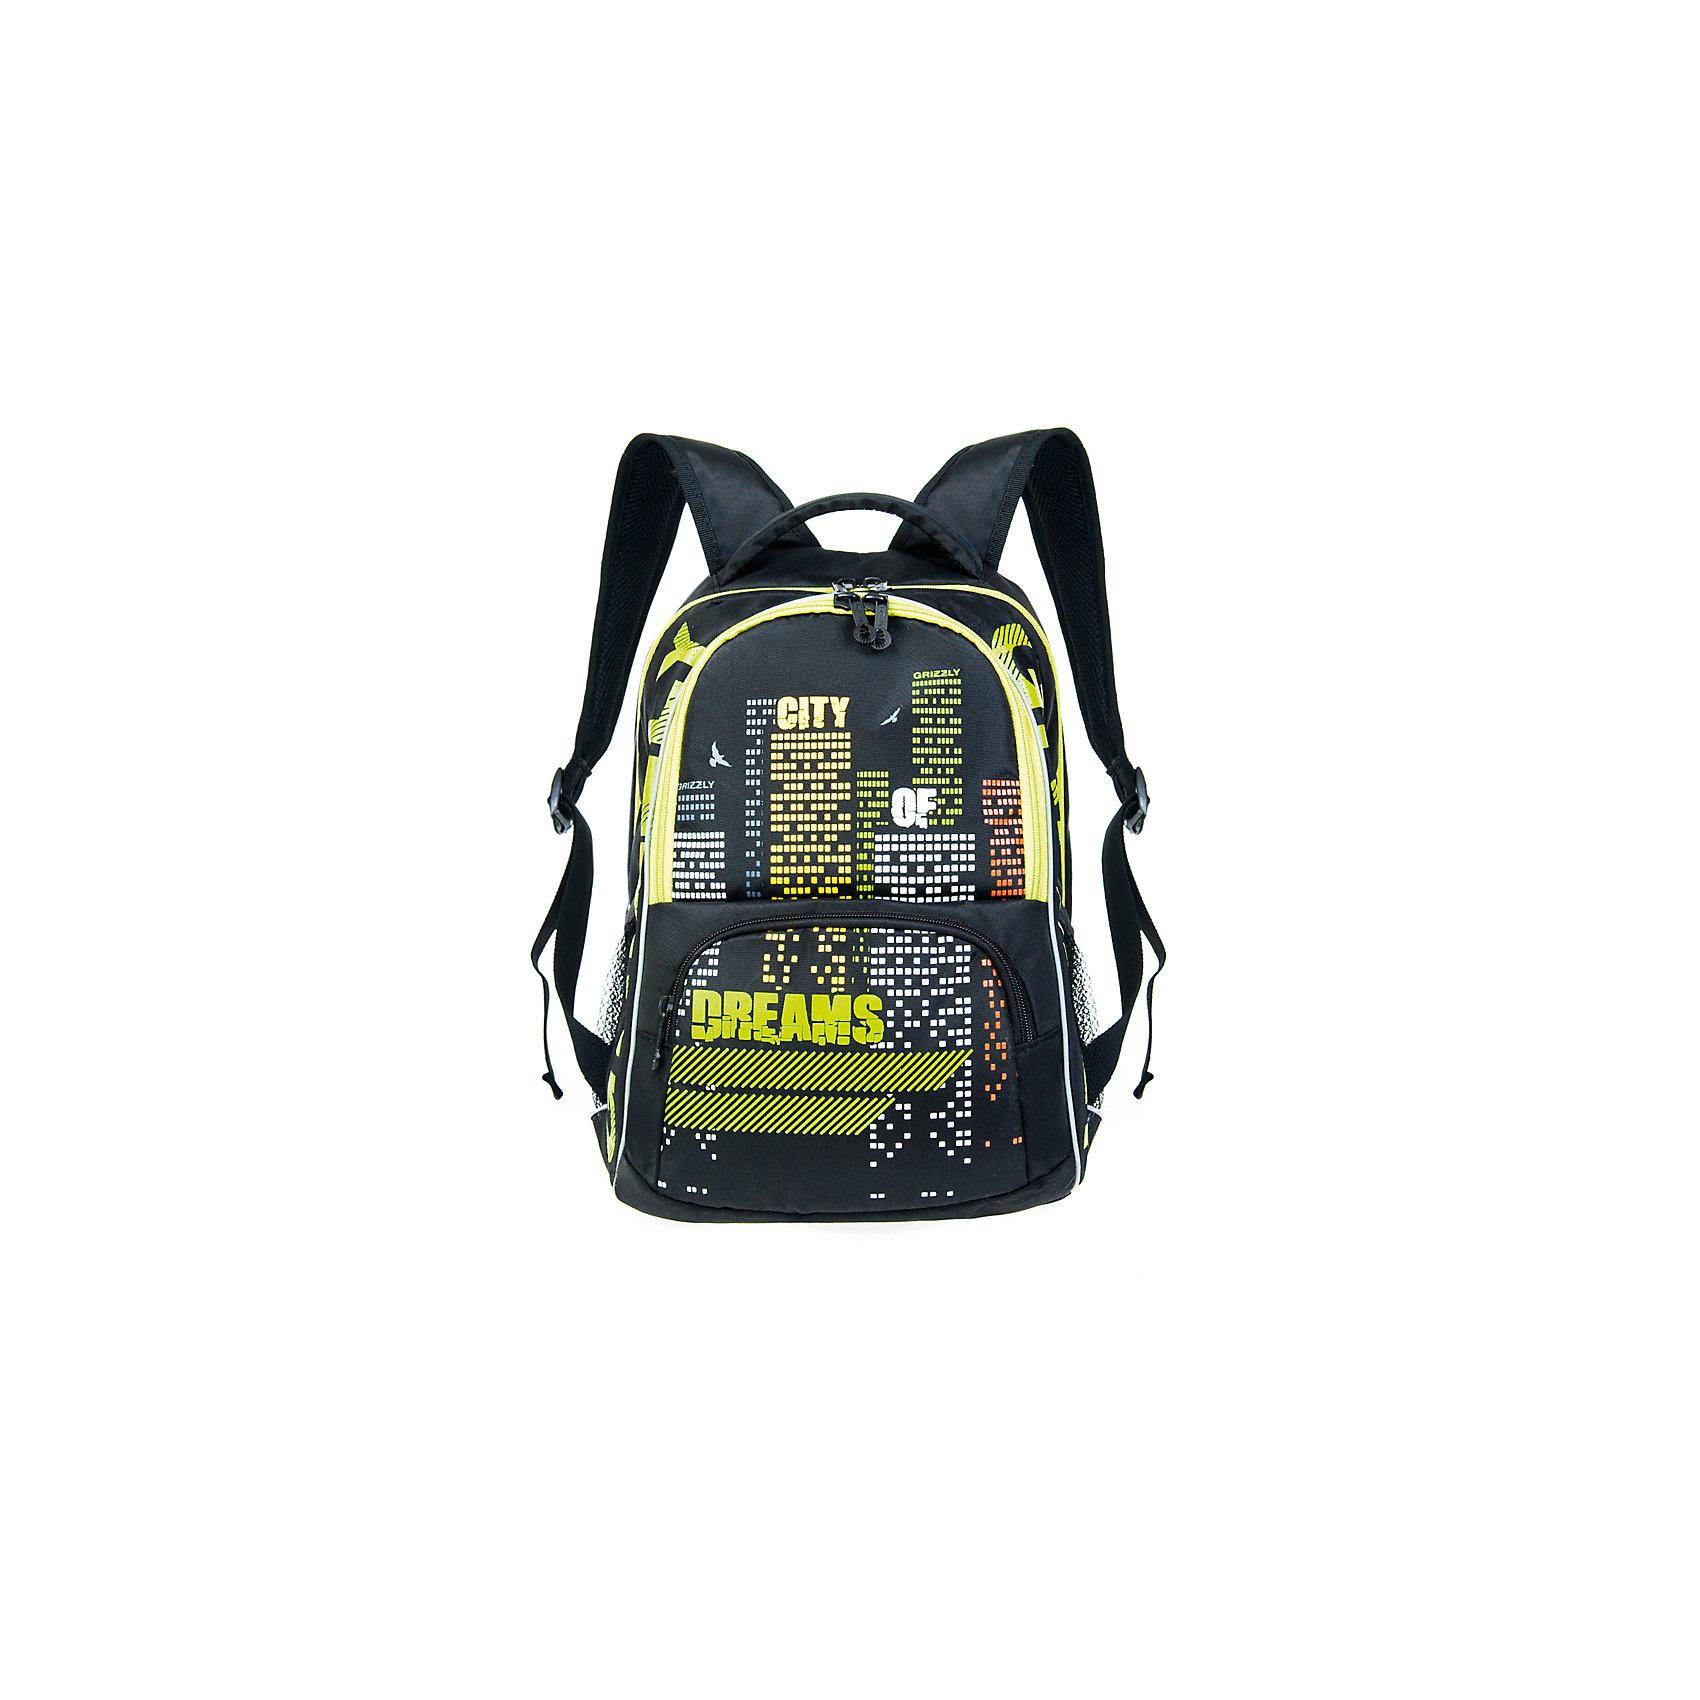 Рюкзак школьный Grizzly, черныйРюкзаки<br>Рюкзак школьный, два отделения, объемный карман на молнии на передней стенке, боковые карманы из сетки, внутренний подвесной карман на молнии, внутренний составной пенал-органайзер, жесткая анатомическая спинка, мягкая укрепленная ручка, укрепленные лямки, светоотражающие элементы с четырех сторон<br><br>Ширина мм: 320<br>Глубина мм: 200<br>Высота мм: 420<br>Вес г: 768<br>Возраст от месяцев: 72<br>Возраст до месяцев: 2147483647<br>Пол: Мужской<br>Возраст: Детский<br>SKU: 6939841